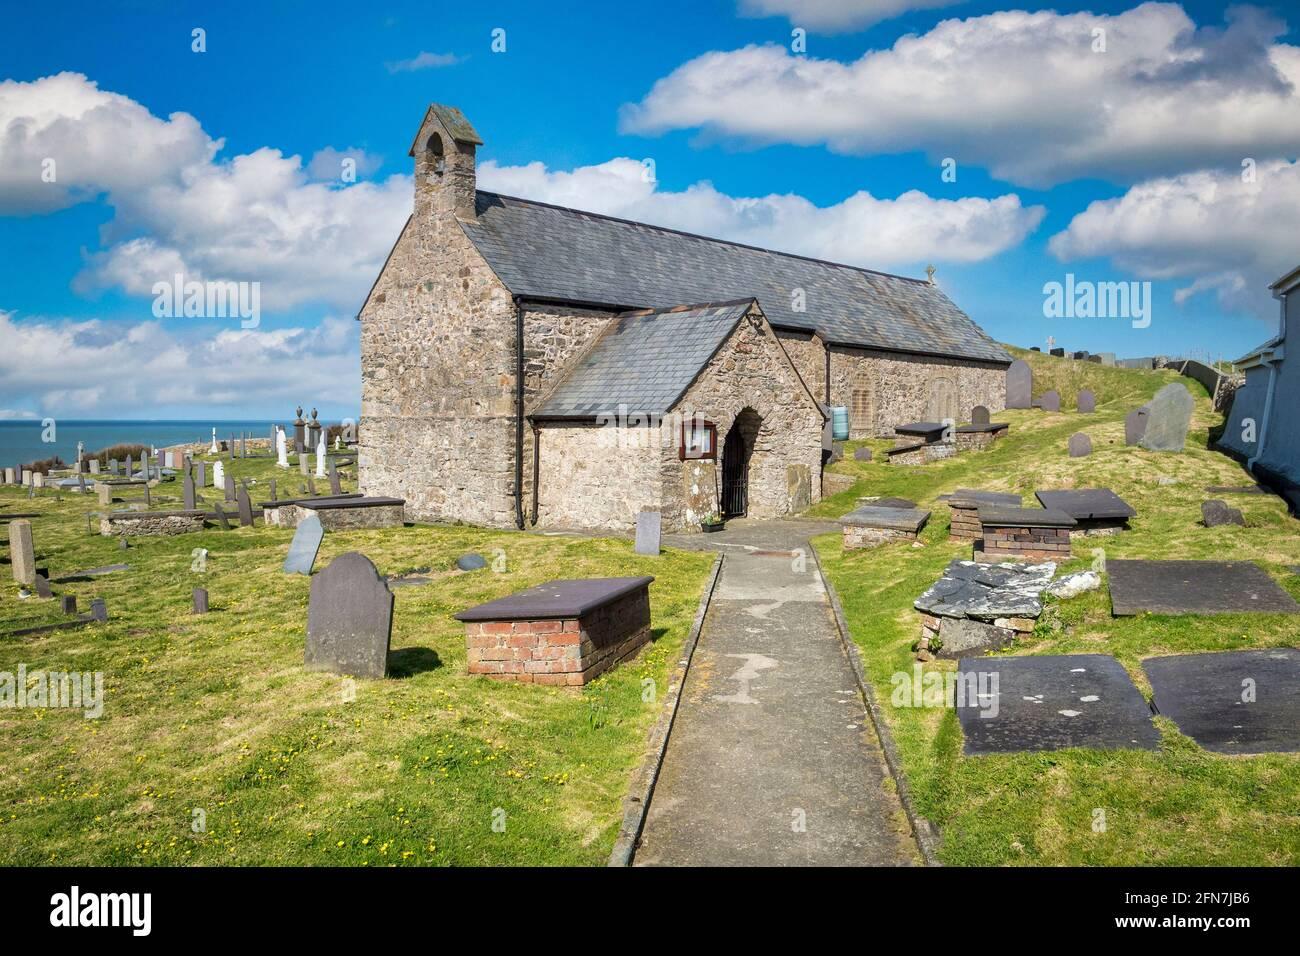 Llanbadrig, la iglesia más antigua de Gales, en la costa norte de Anglesey. Foto de stock